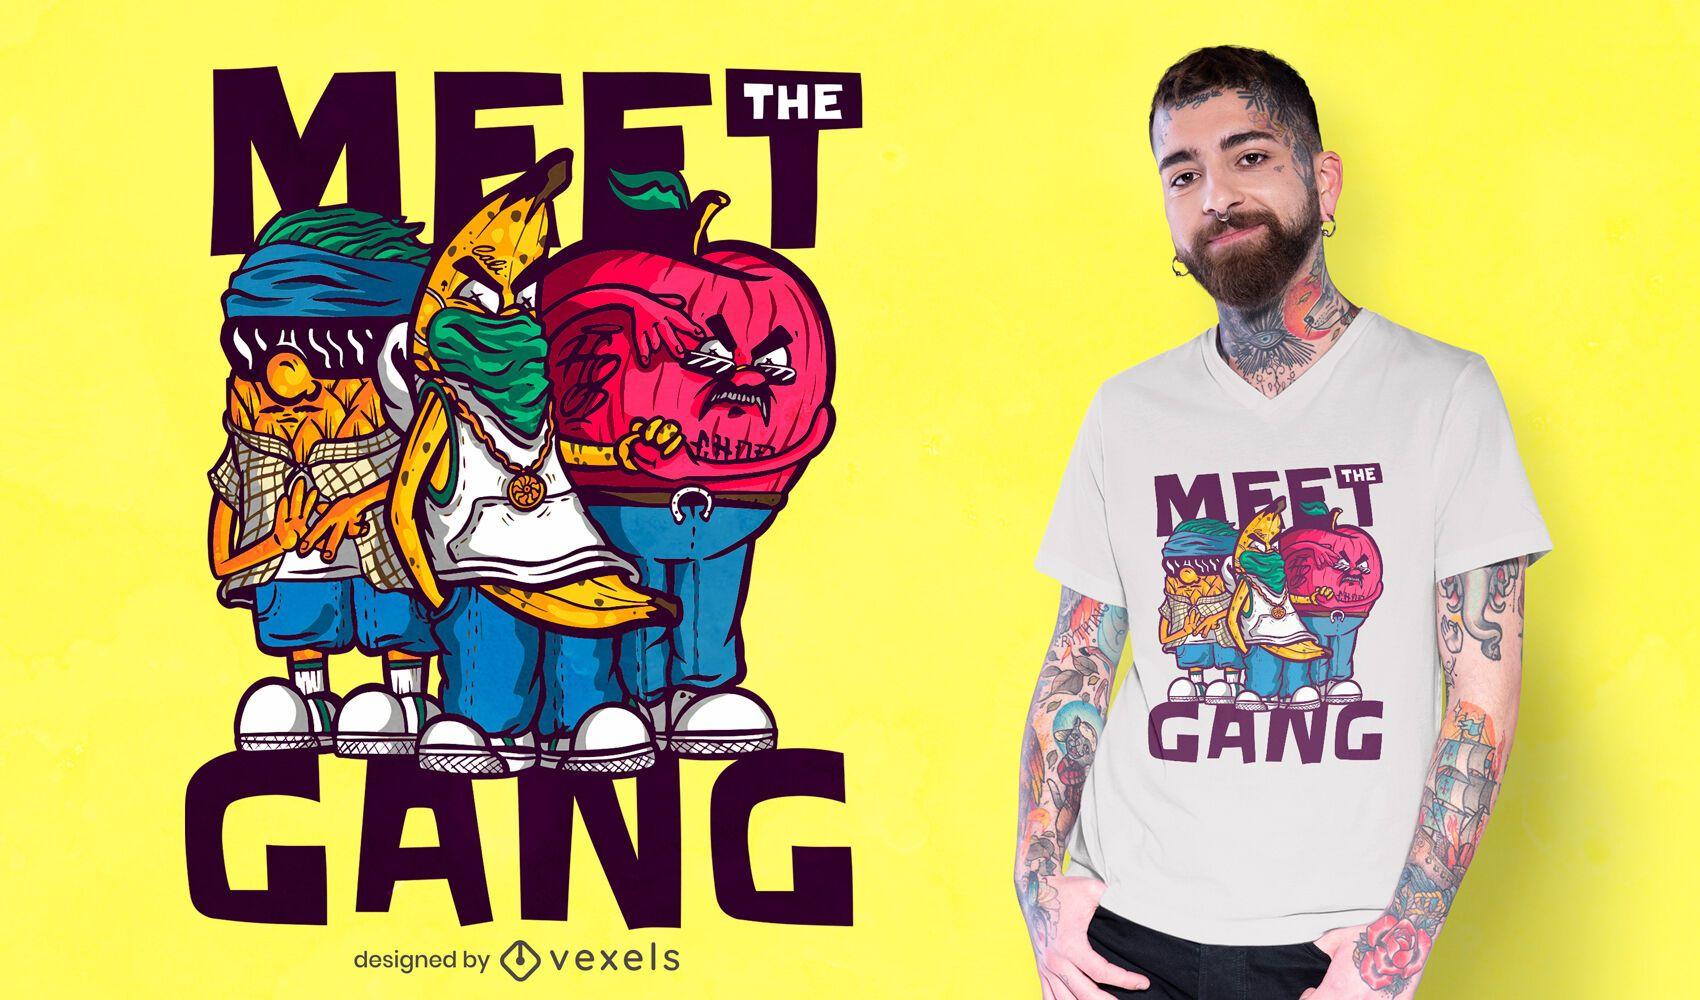 Meet the gang t-shirt design